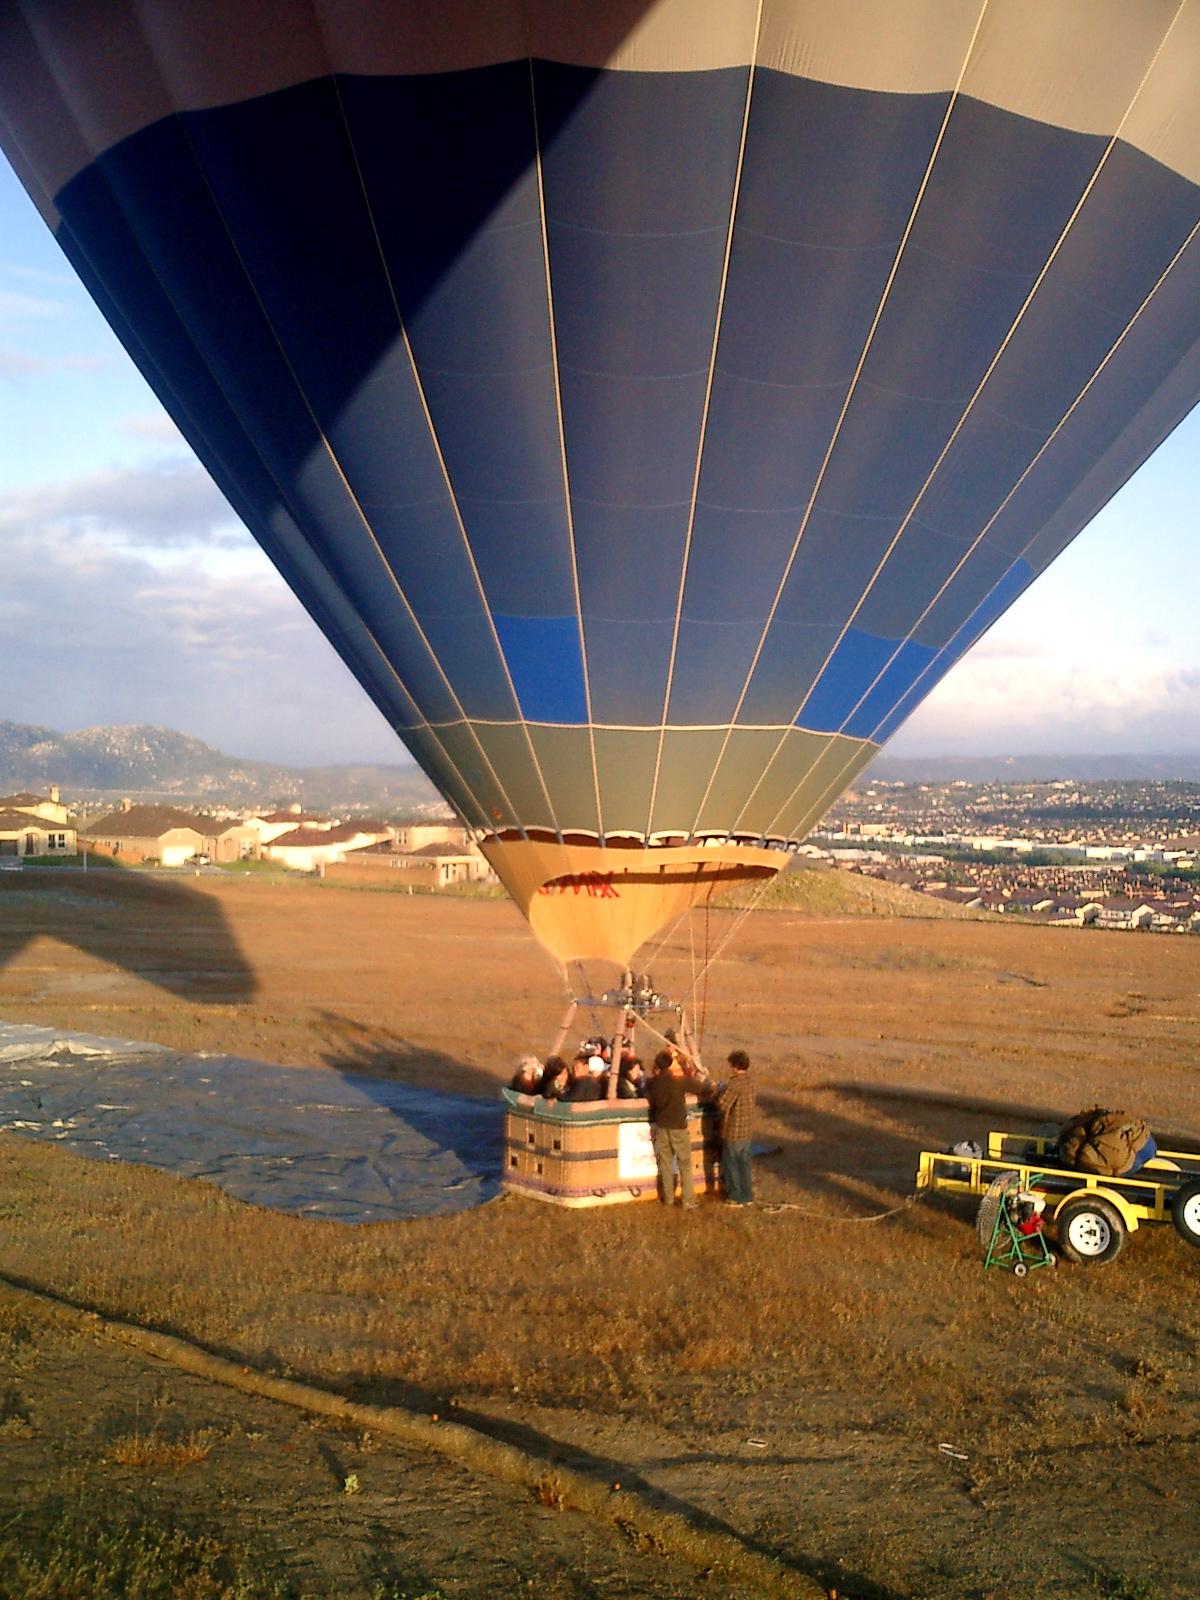 Hot Air Balloon in Temecula, CA